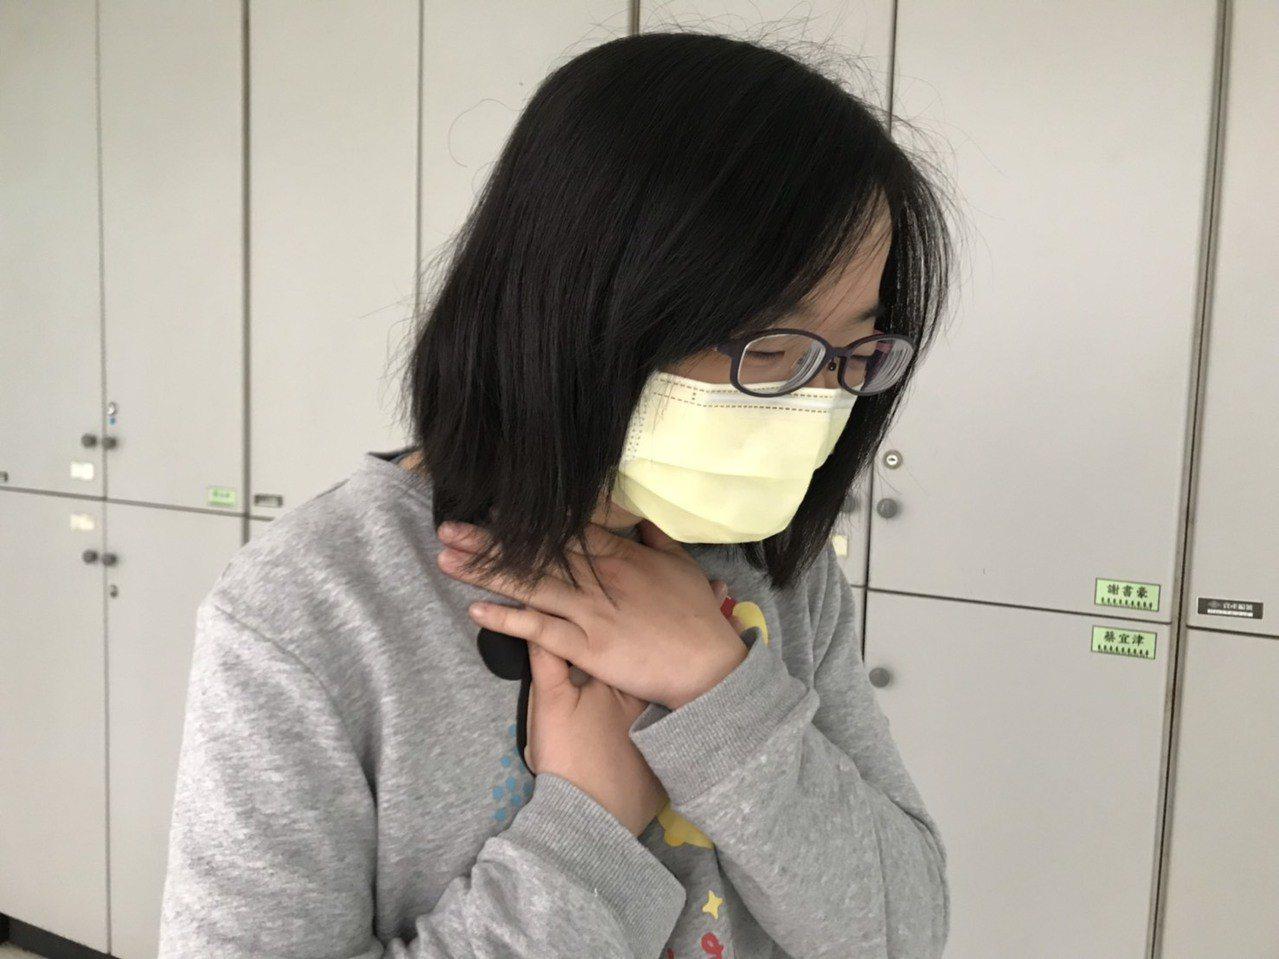 醫師呼籲別輕忽氣喘,立即就醫才能夠掌握病情,圖為示意圖。圖/聯合報系資料照片